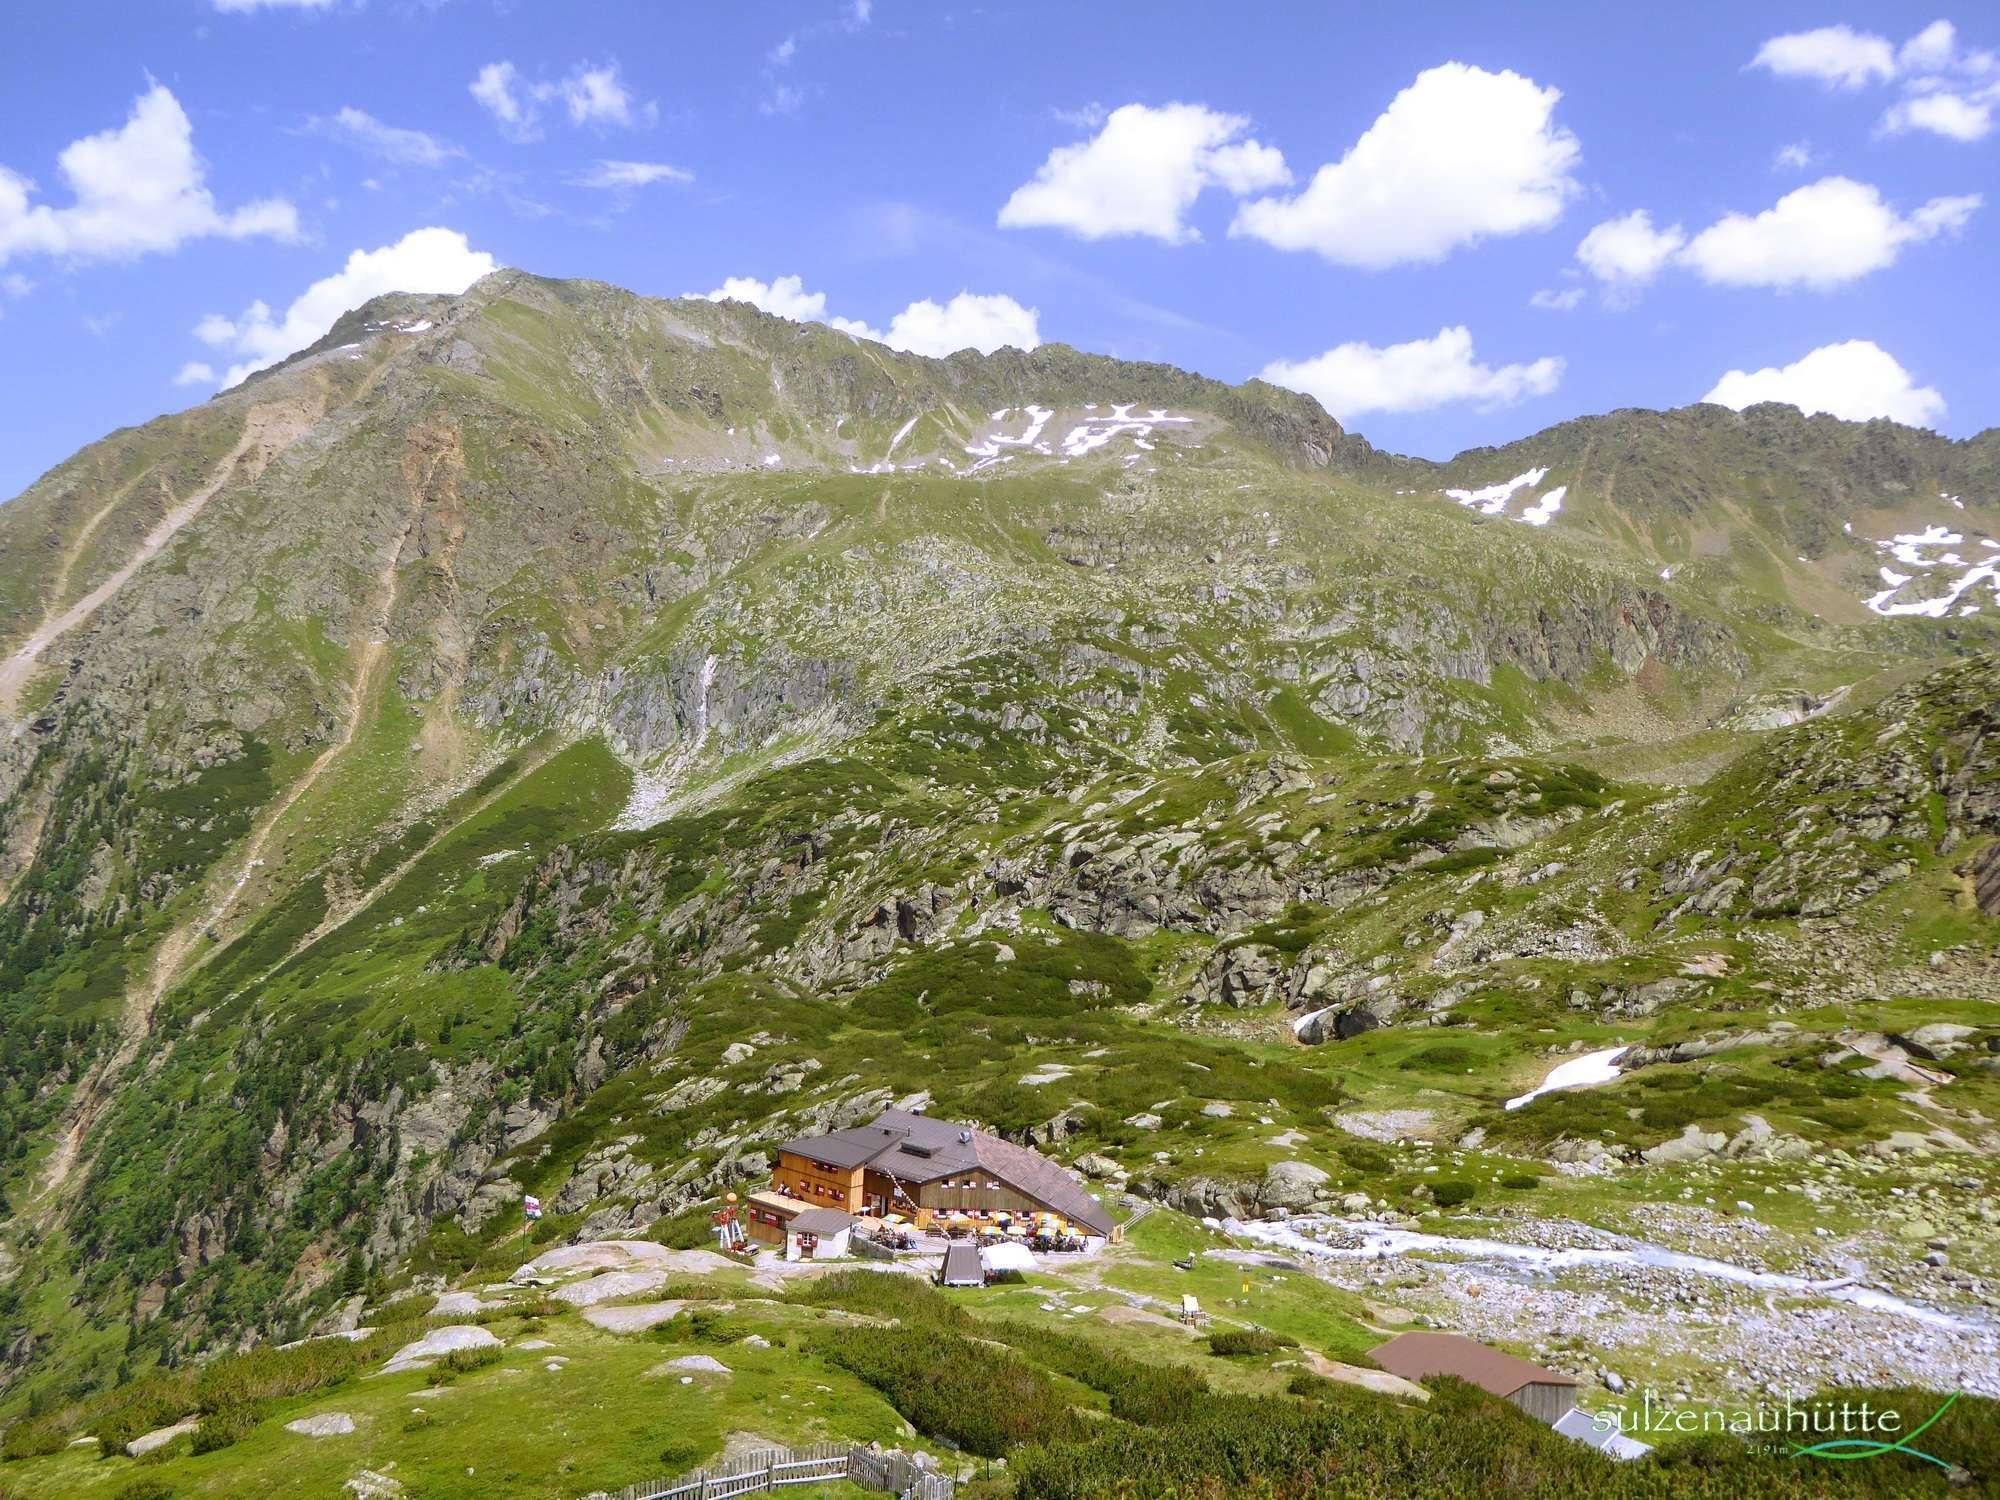 Sulzenau hut at Stubai High Trail